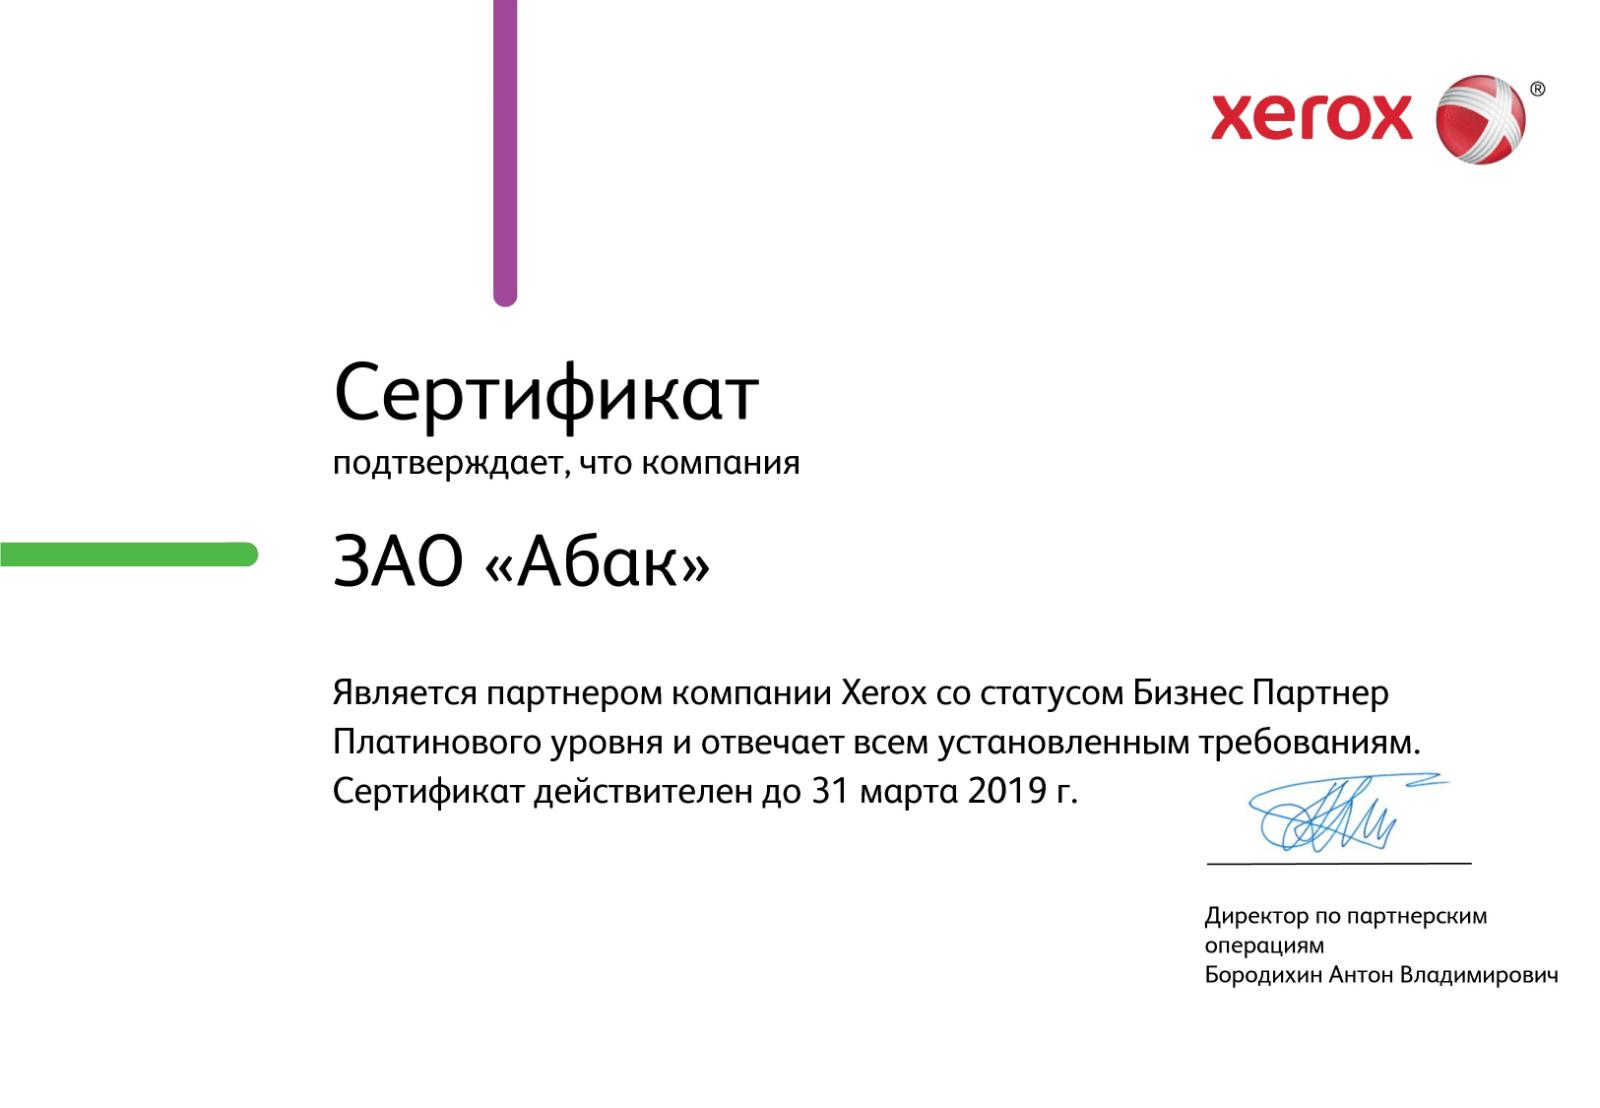 Бизнес-партнер Xerox Платинового уровня 2018